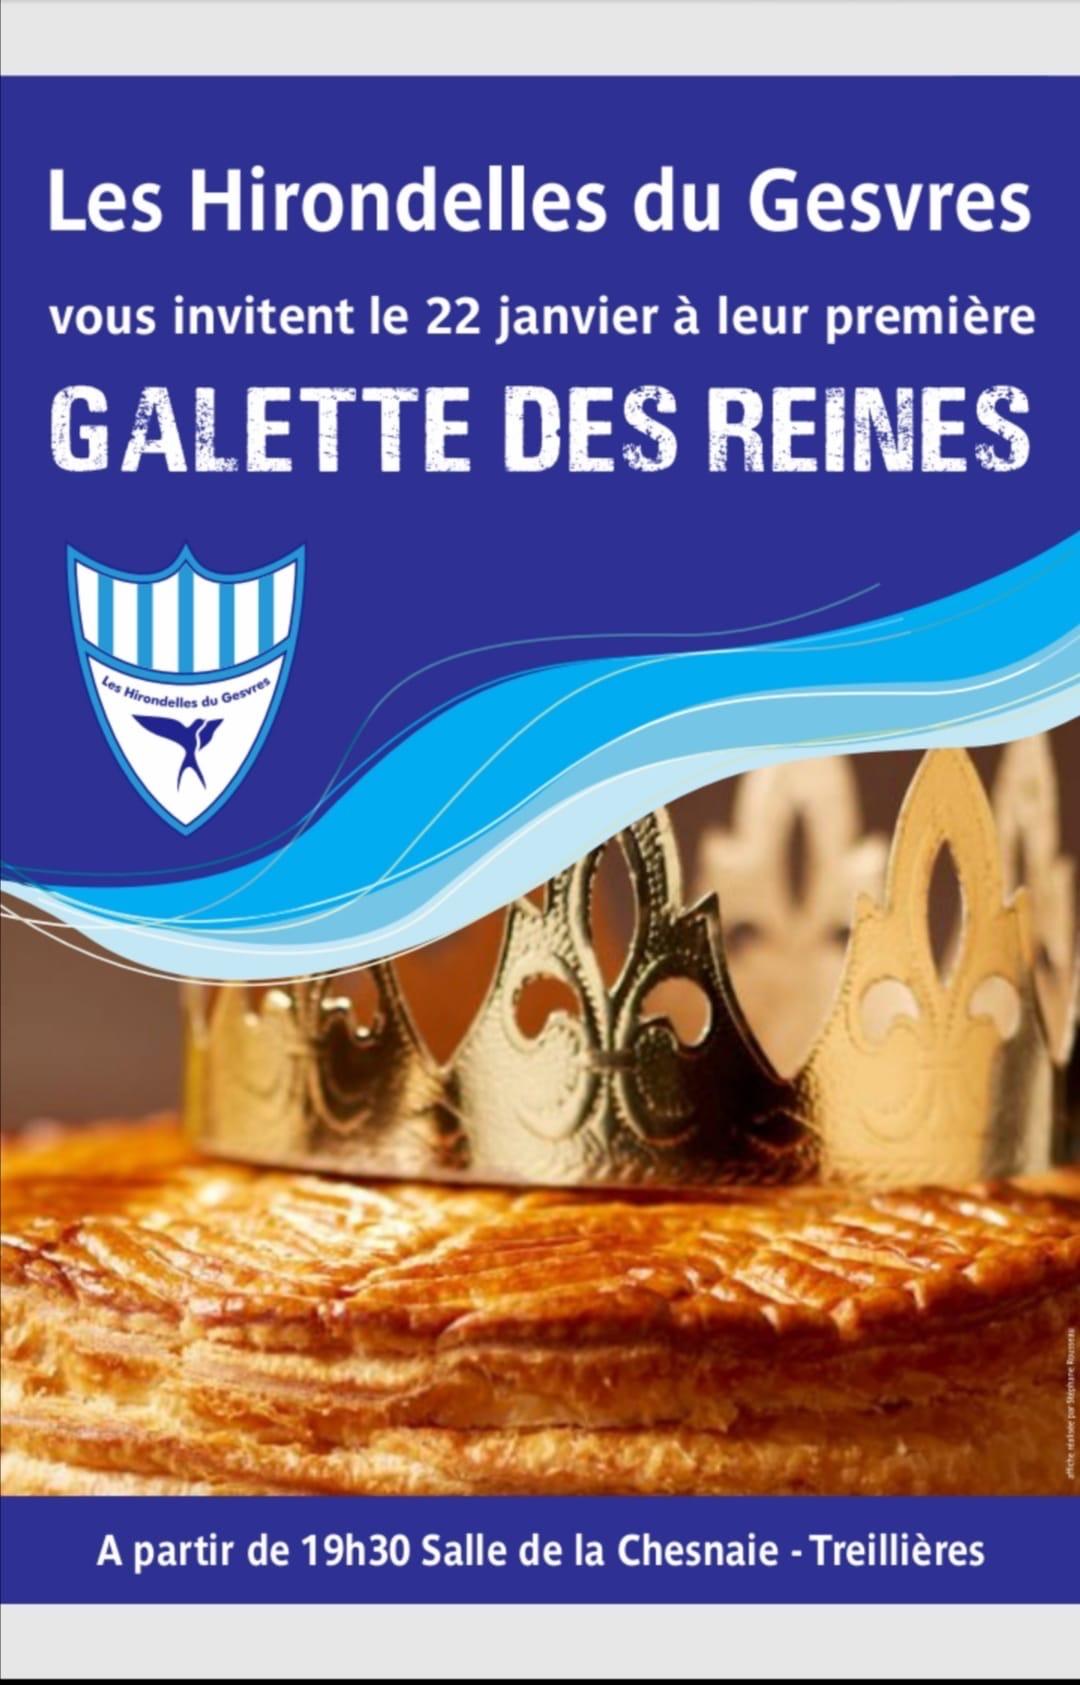 GALETTE DES REINES 2020